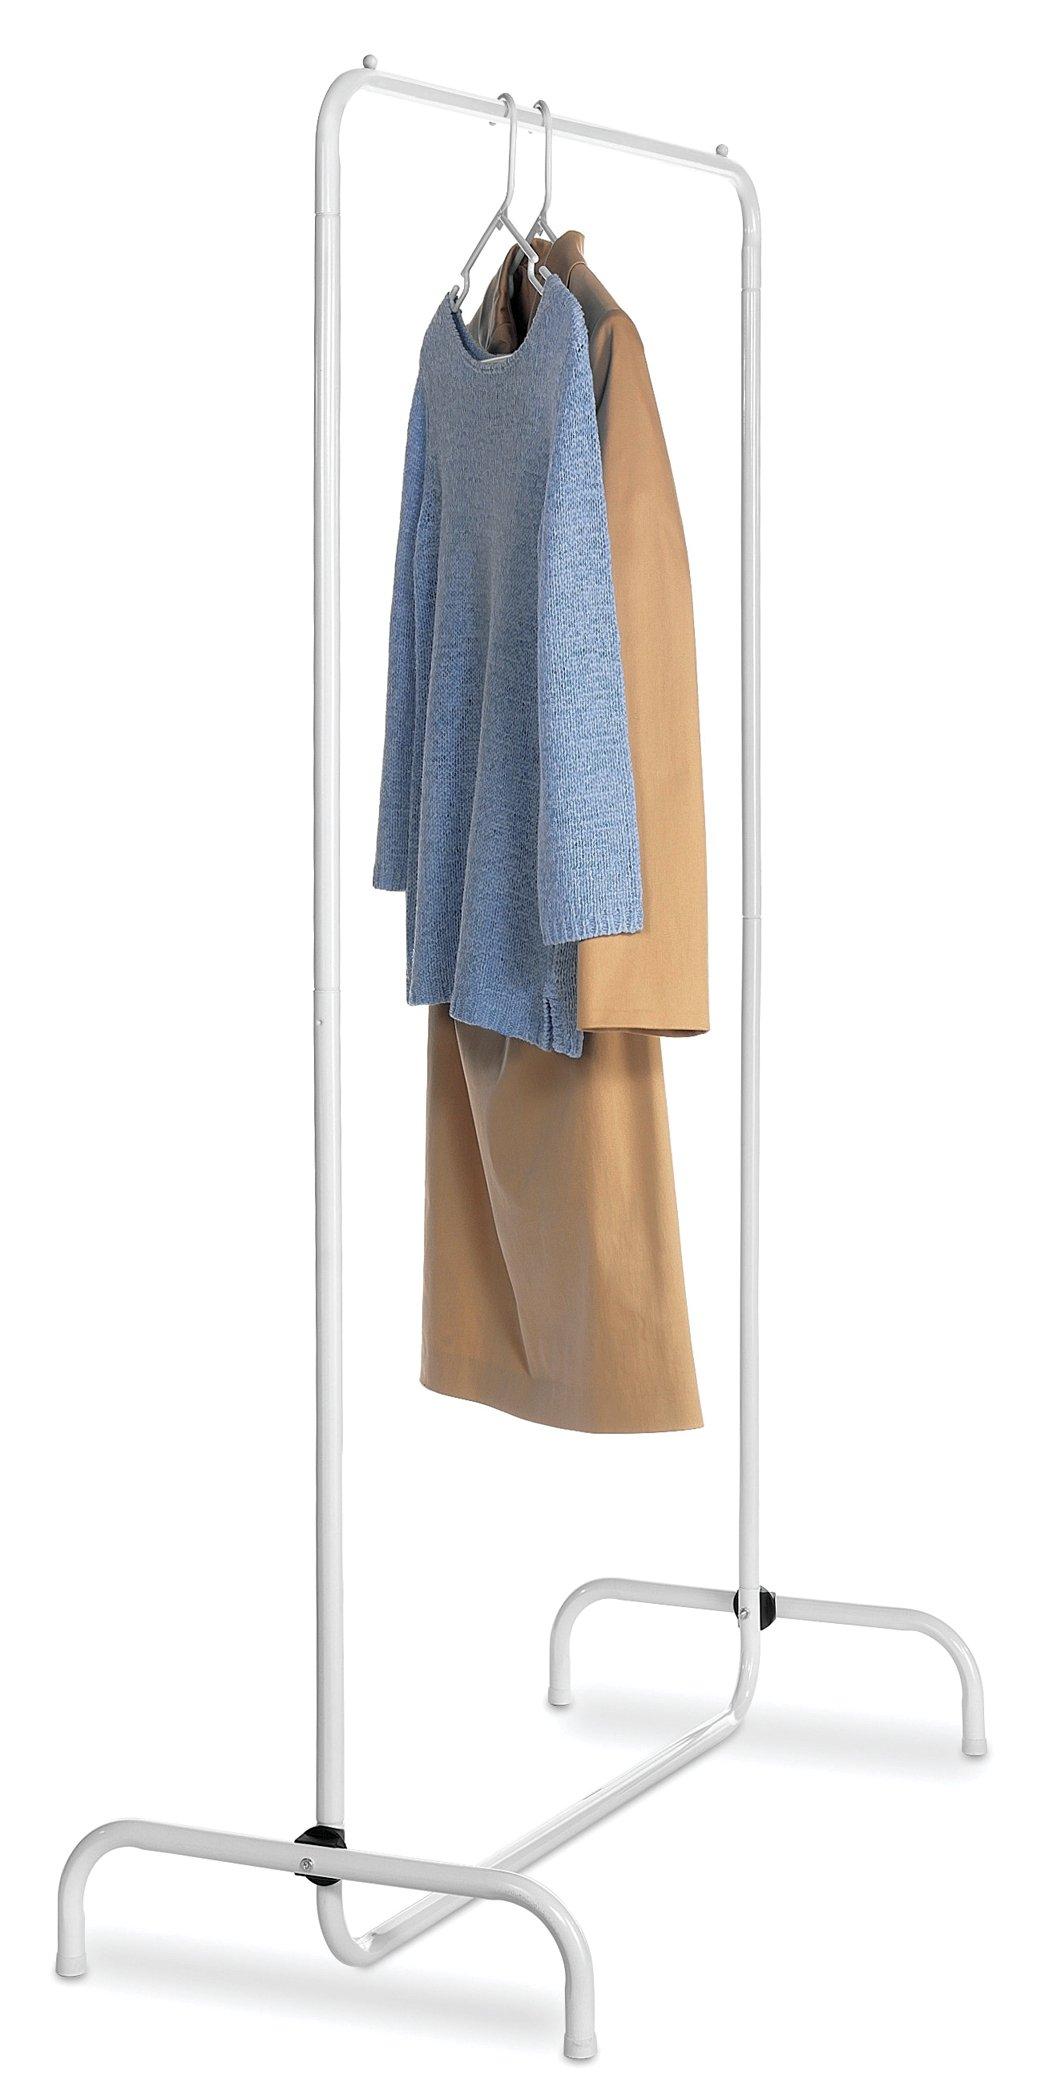 Whitmor Freestanding Garment Rack